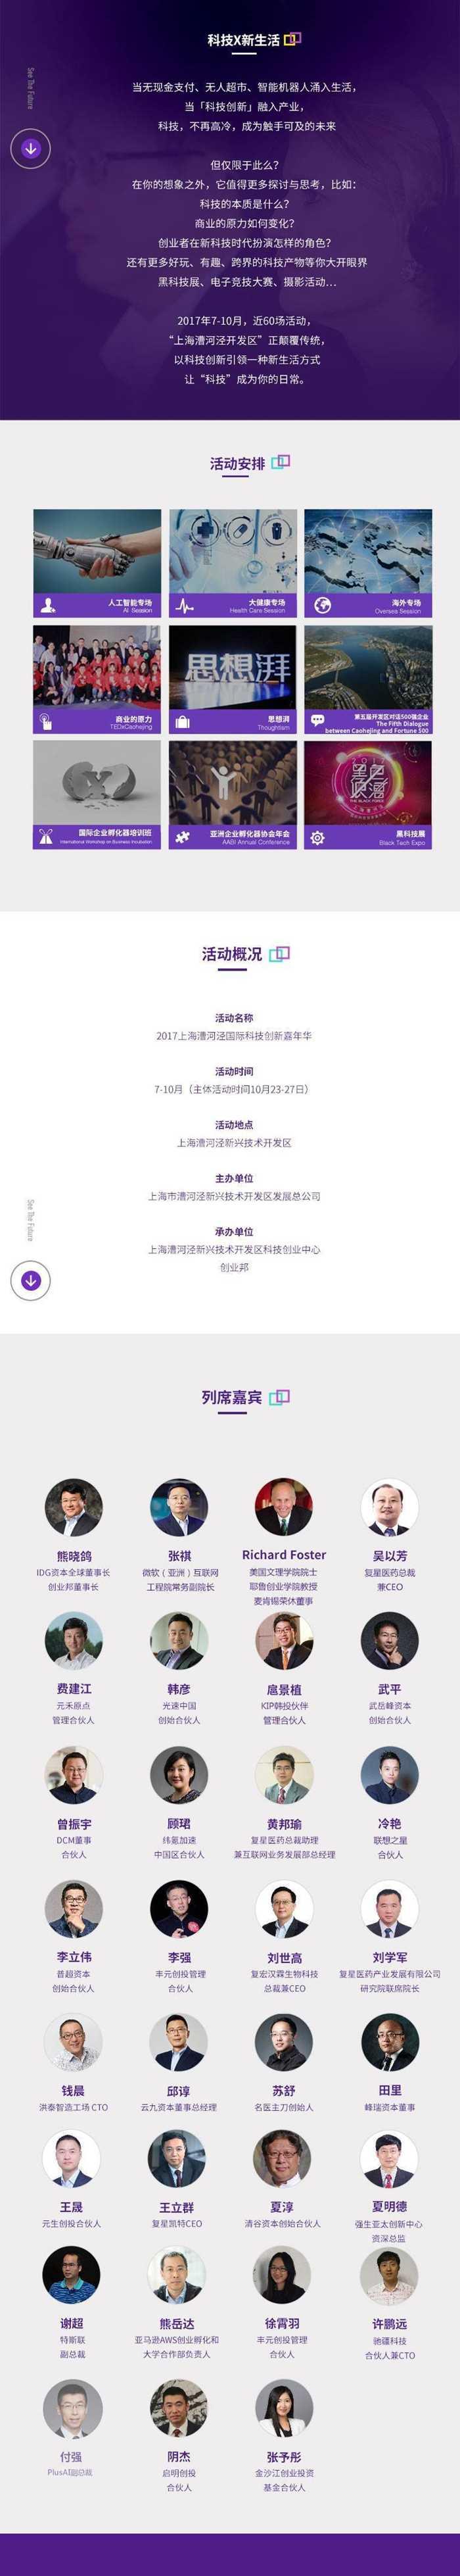 漕河泾活动行1023.jpg